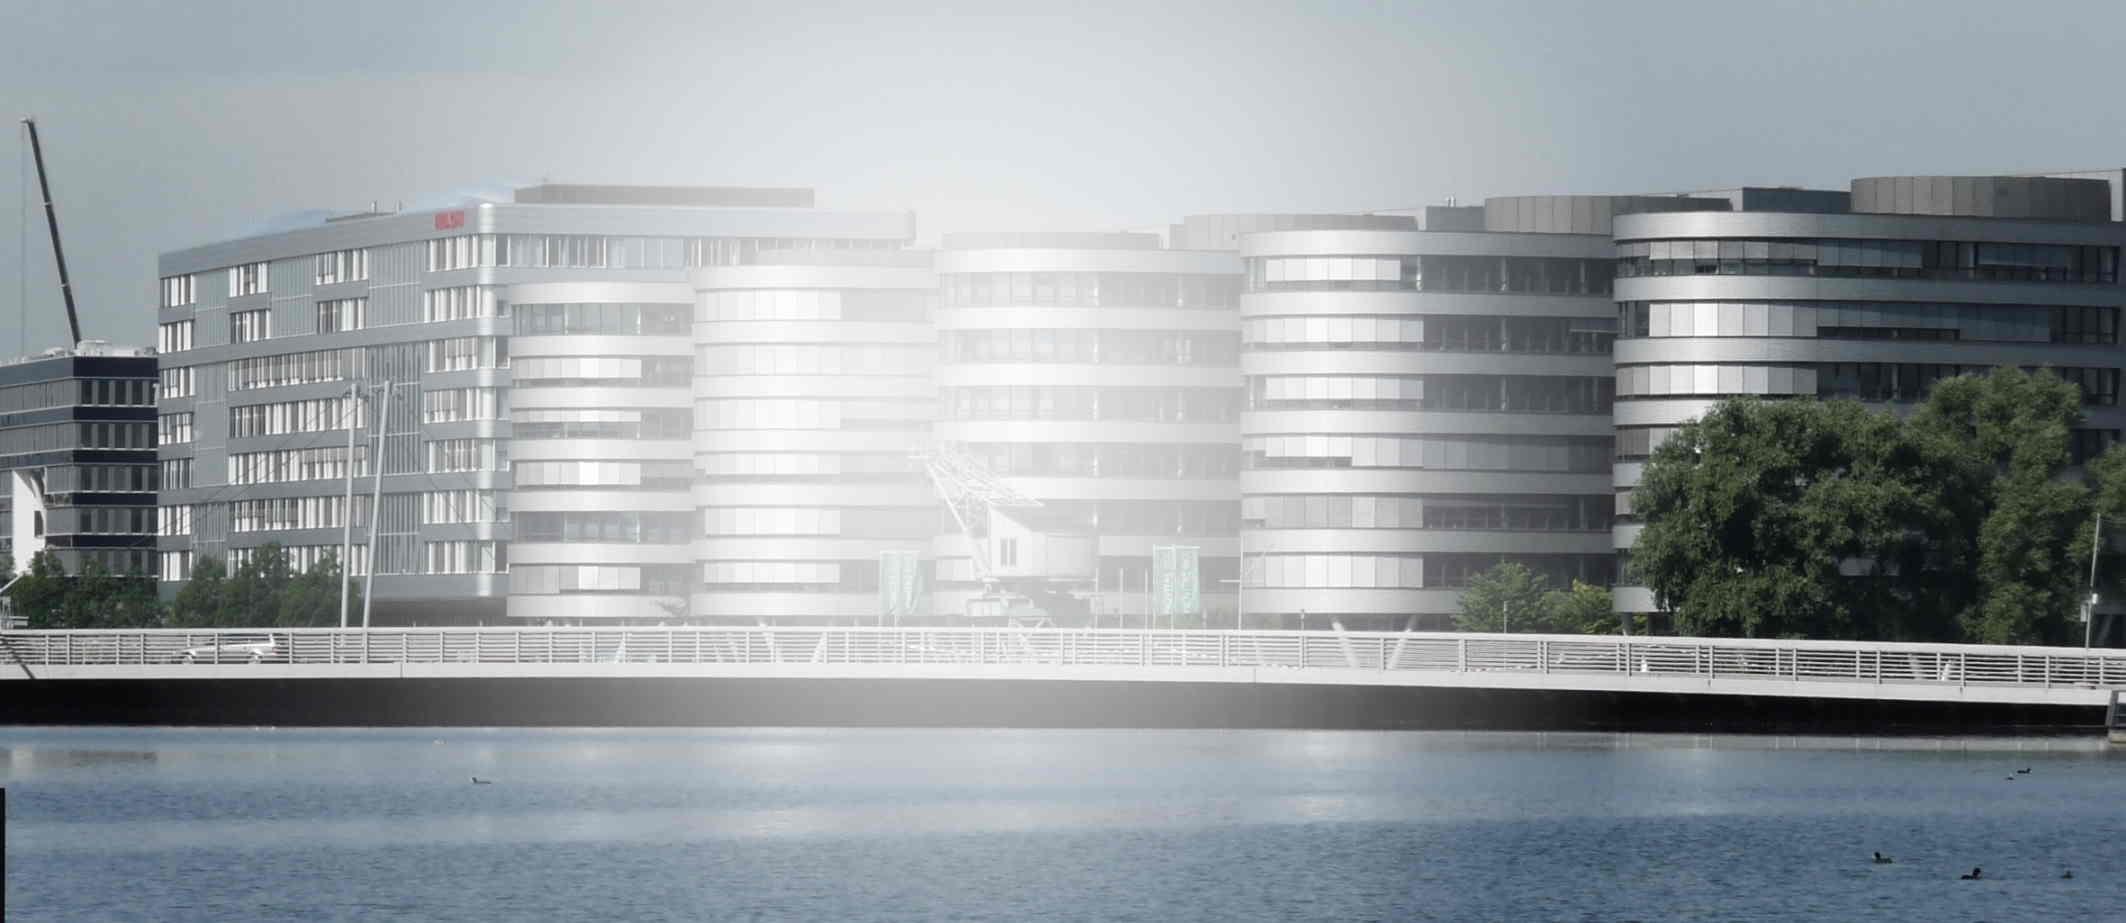 ▷ Sicherheitstechnik Duisburg: Jetzt Preis berechnen